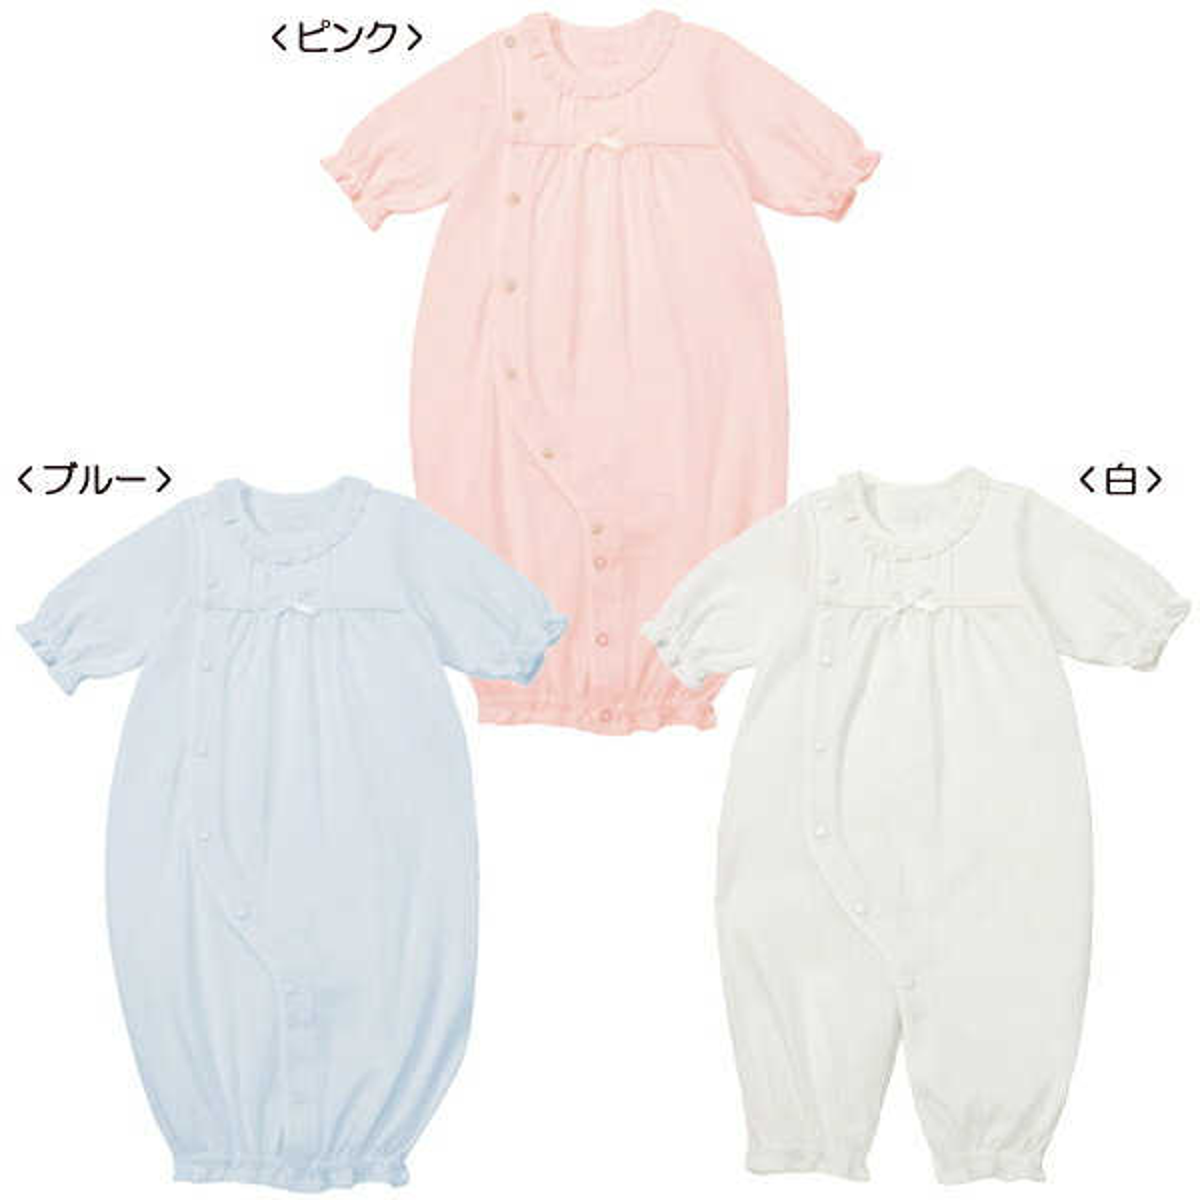 爽やか透かし編みツーウェイミニ(50-60cm)